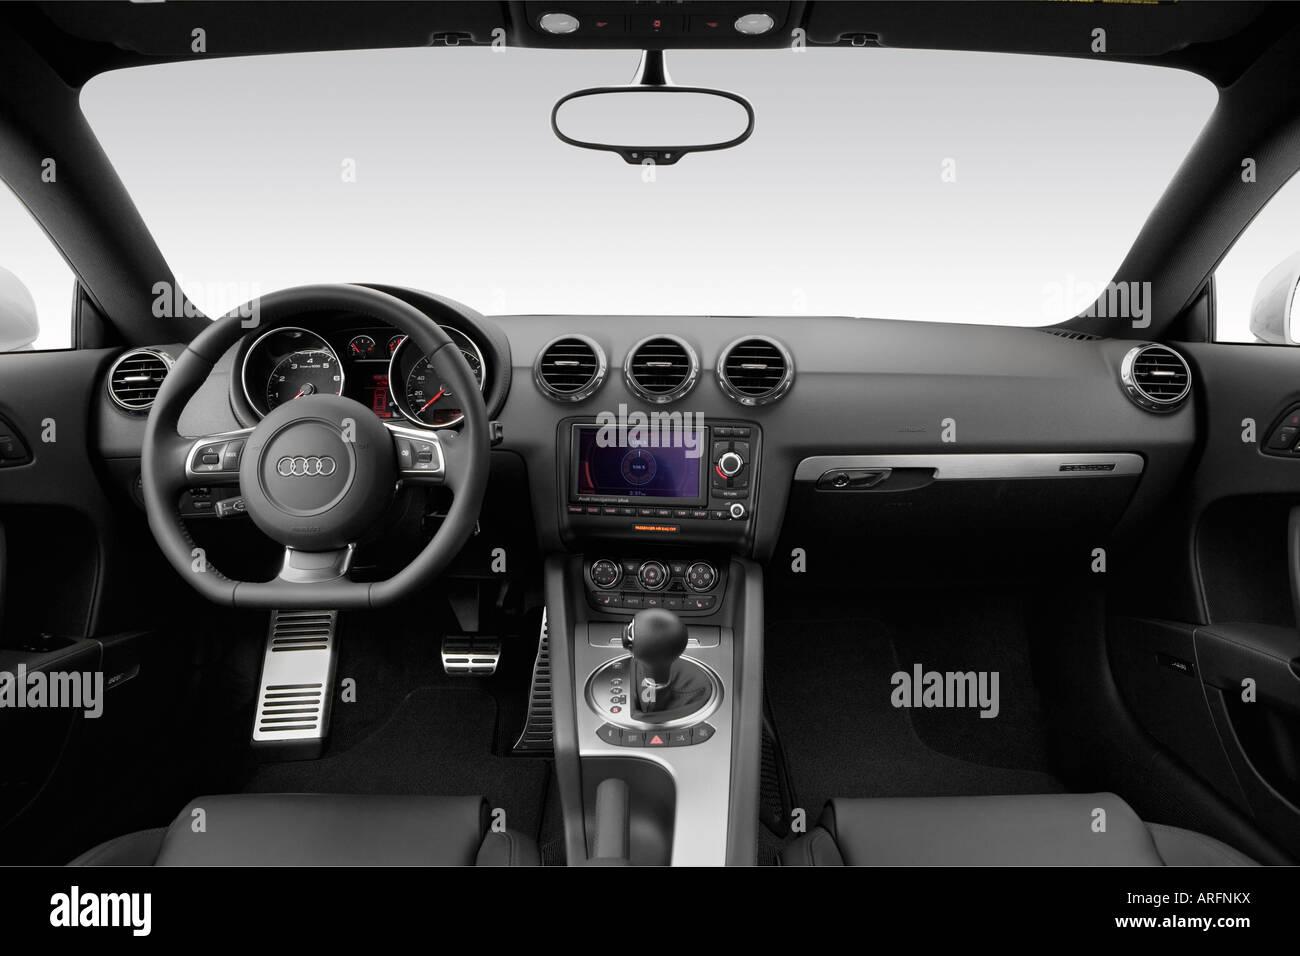 2008 Audi TT 32 quattro in Silver  Dashboard center console